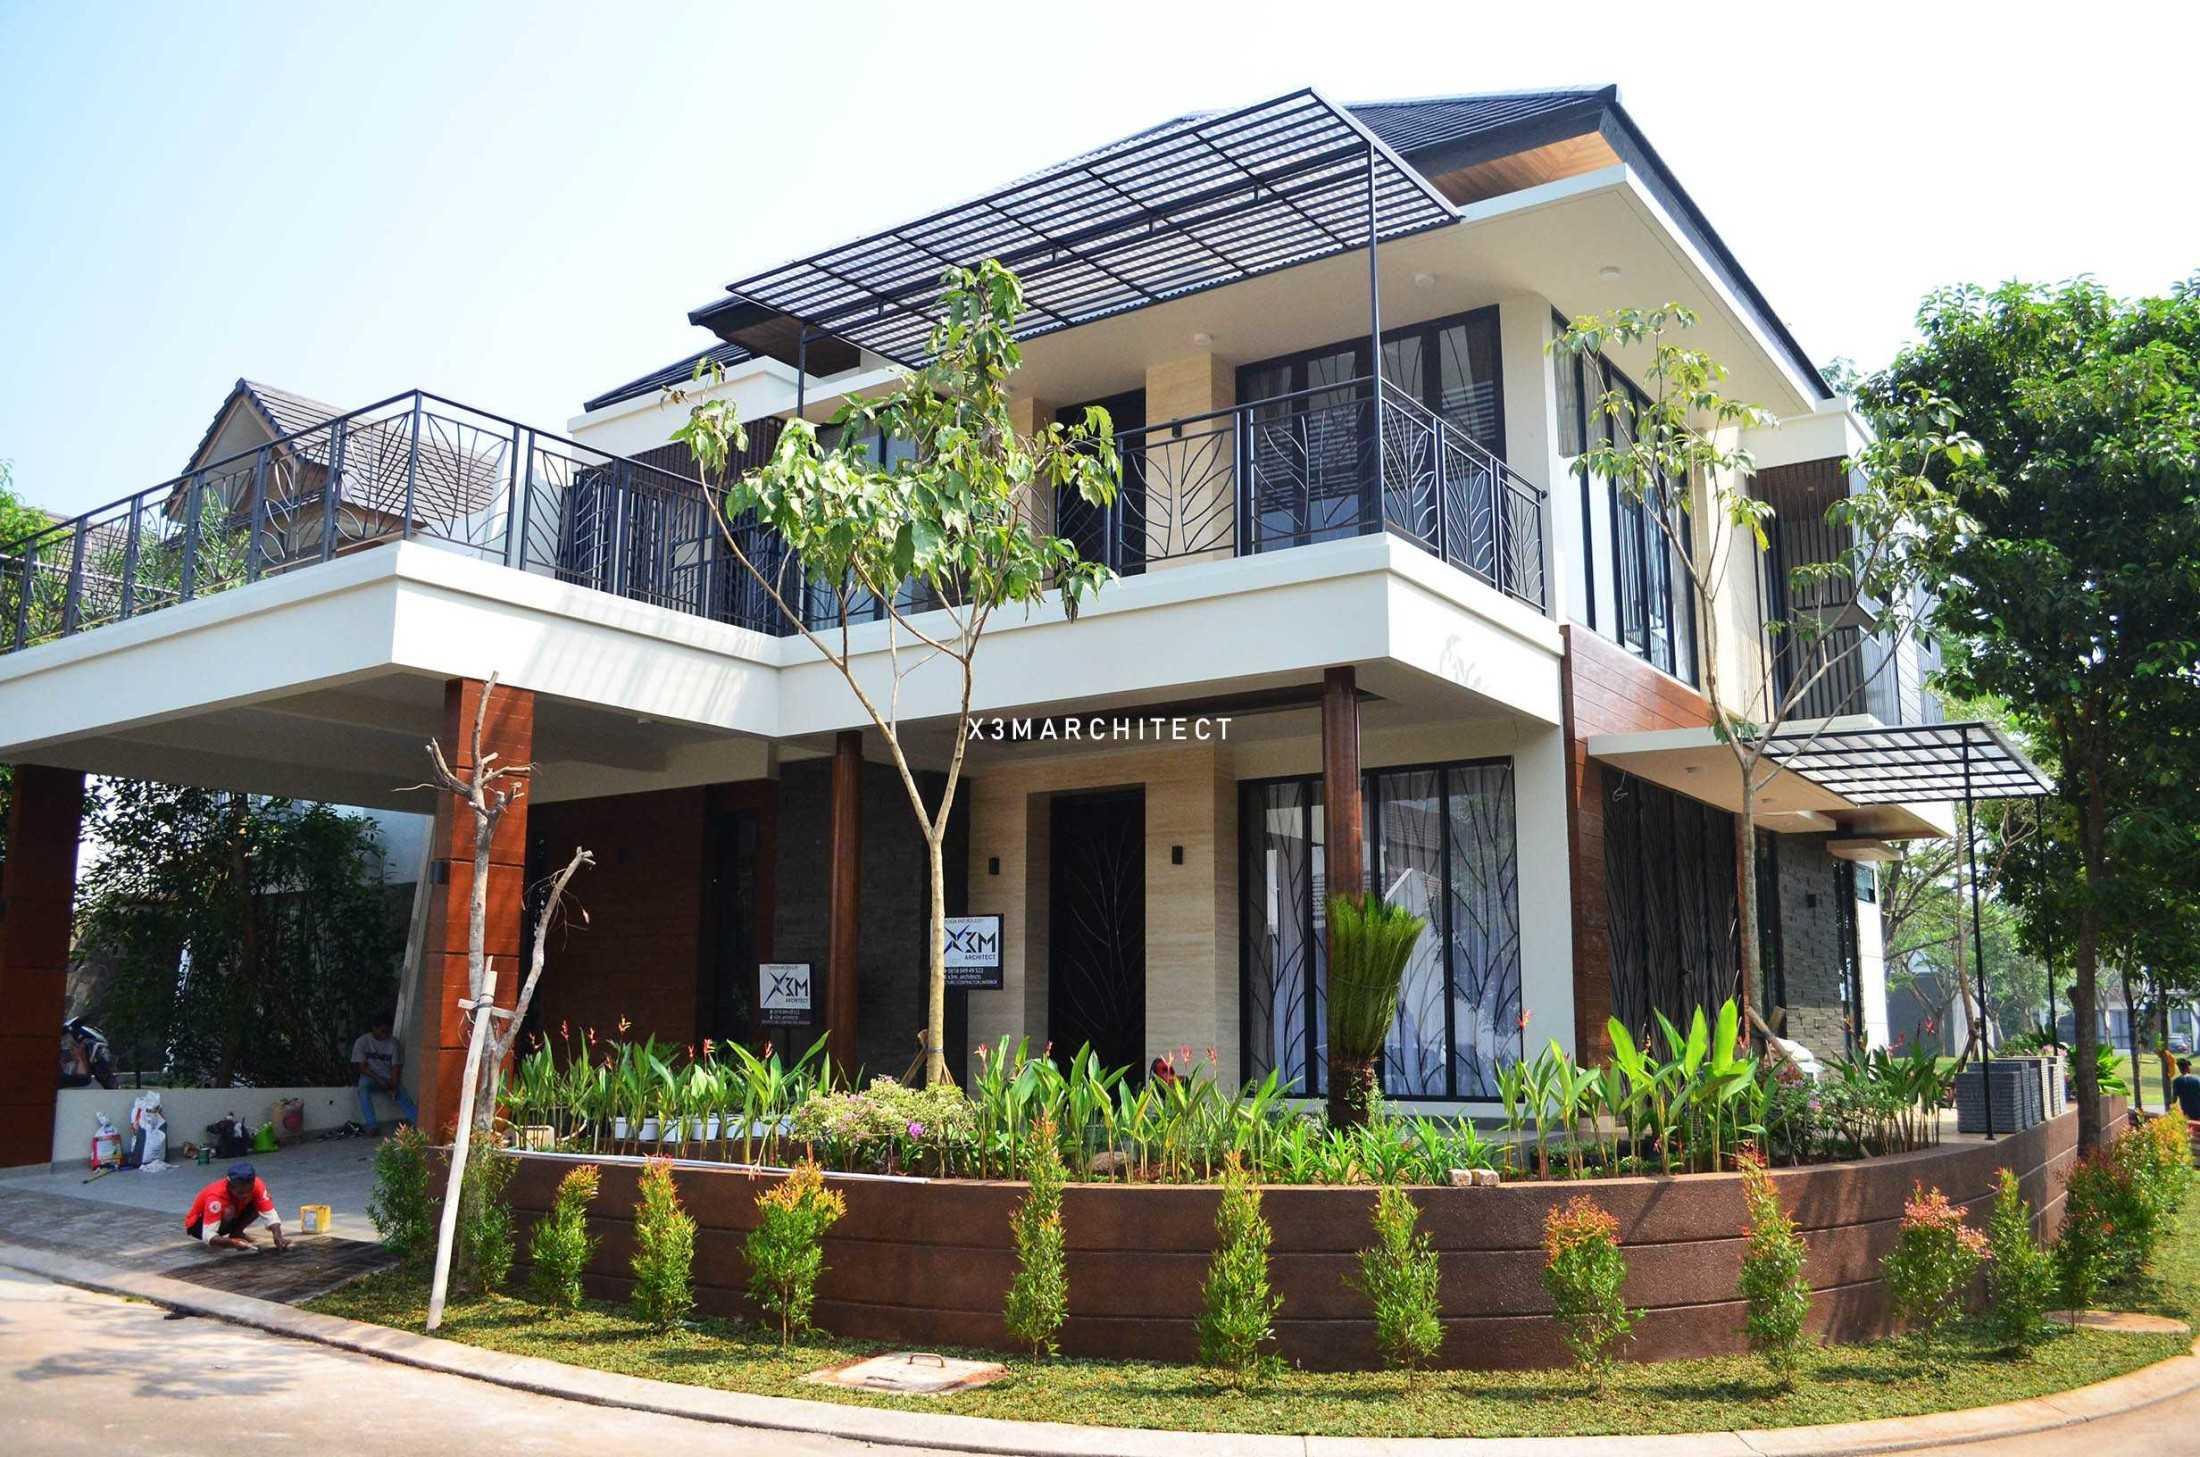 X3M Architects Nittaya A5 1 House Sampora, Kec. Cisauk, Tangerang, Banten 15345, Indonesia Sampora, Kec. Cisauk, Tangerang, Banten 15345, Indonesia X3M-Architects-Nittaya-A5-1  75966